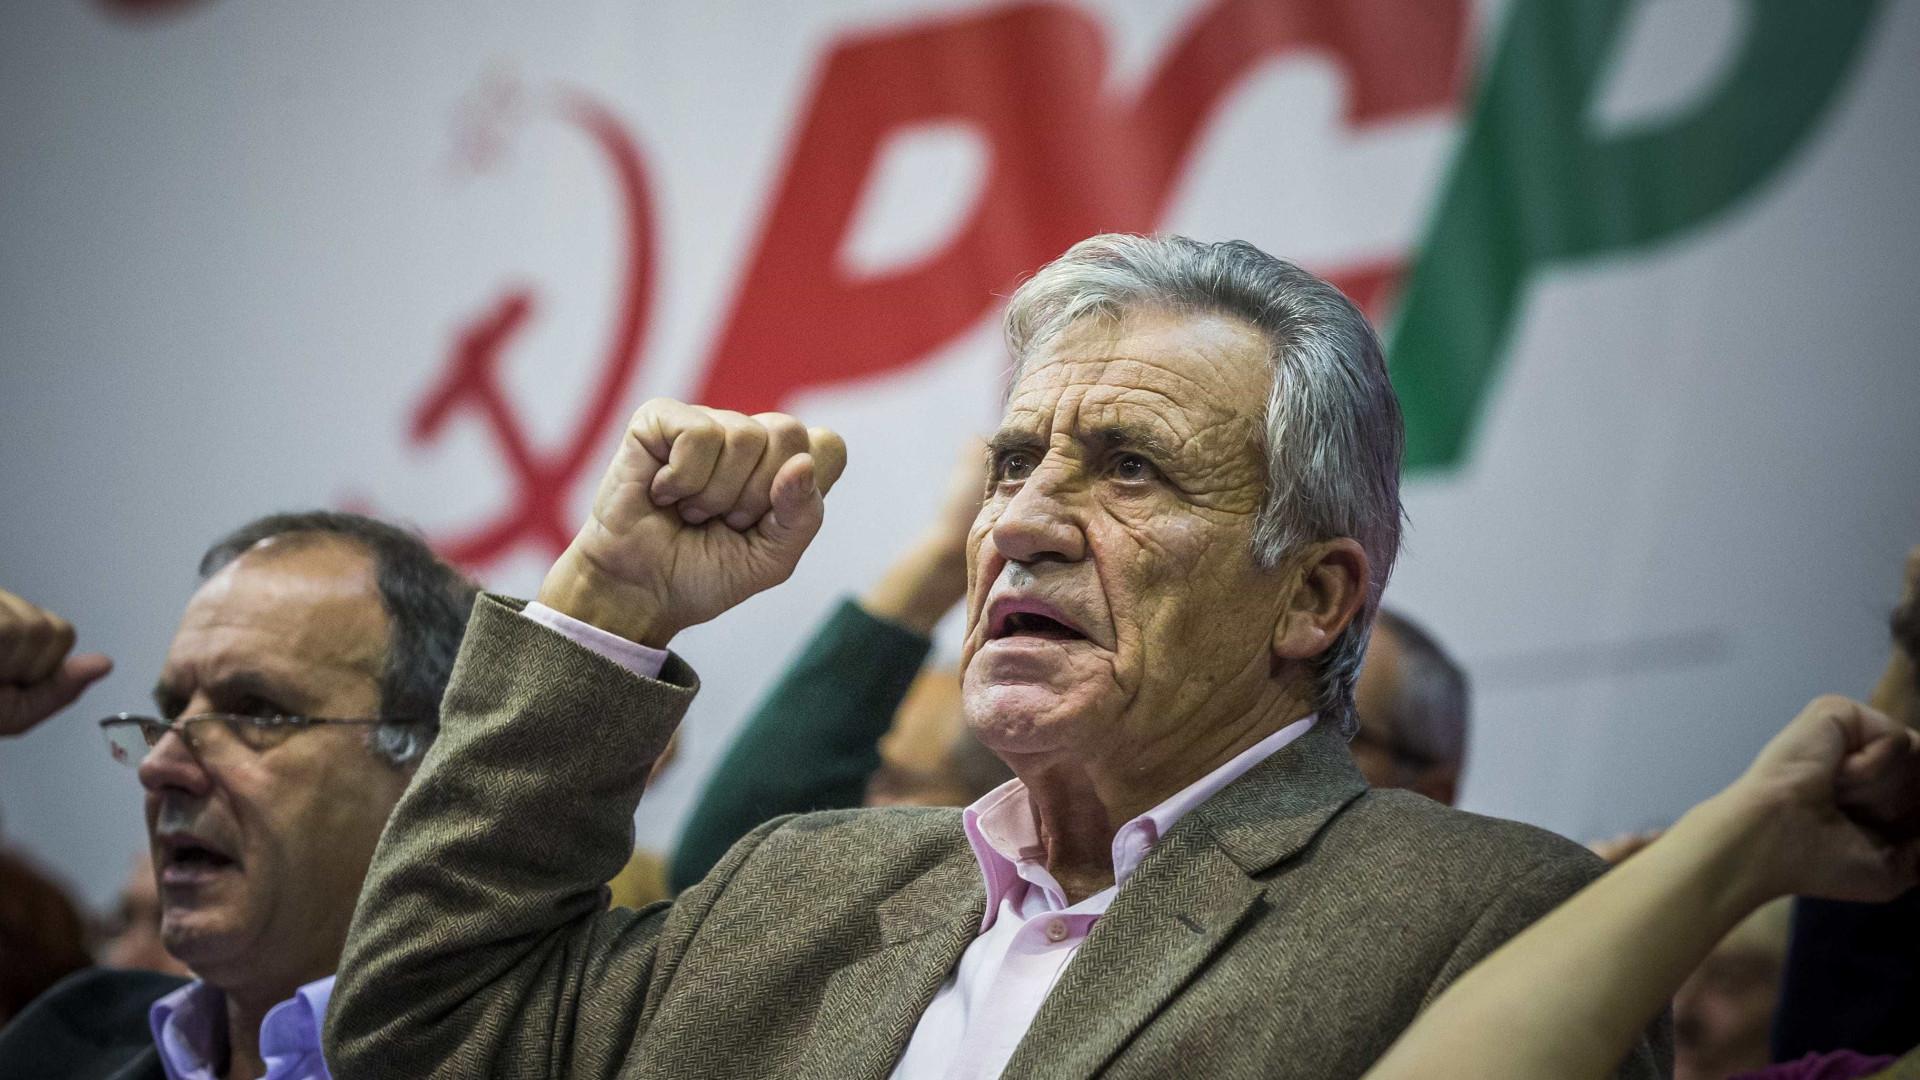 """PSD está em """"negação"""" e critica """"sem proposta alternativa"""""""